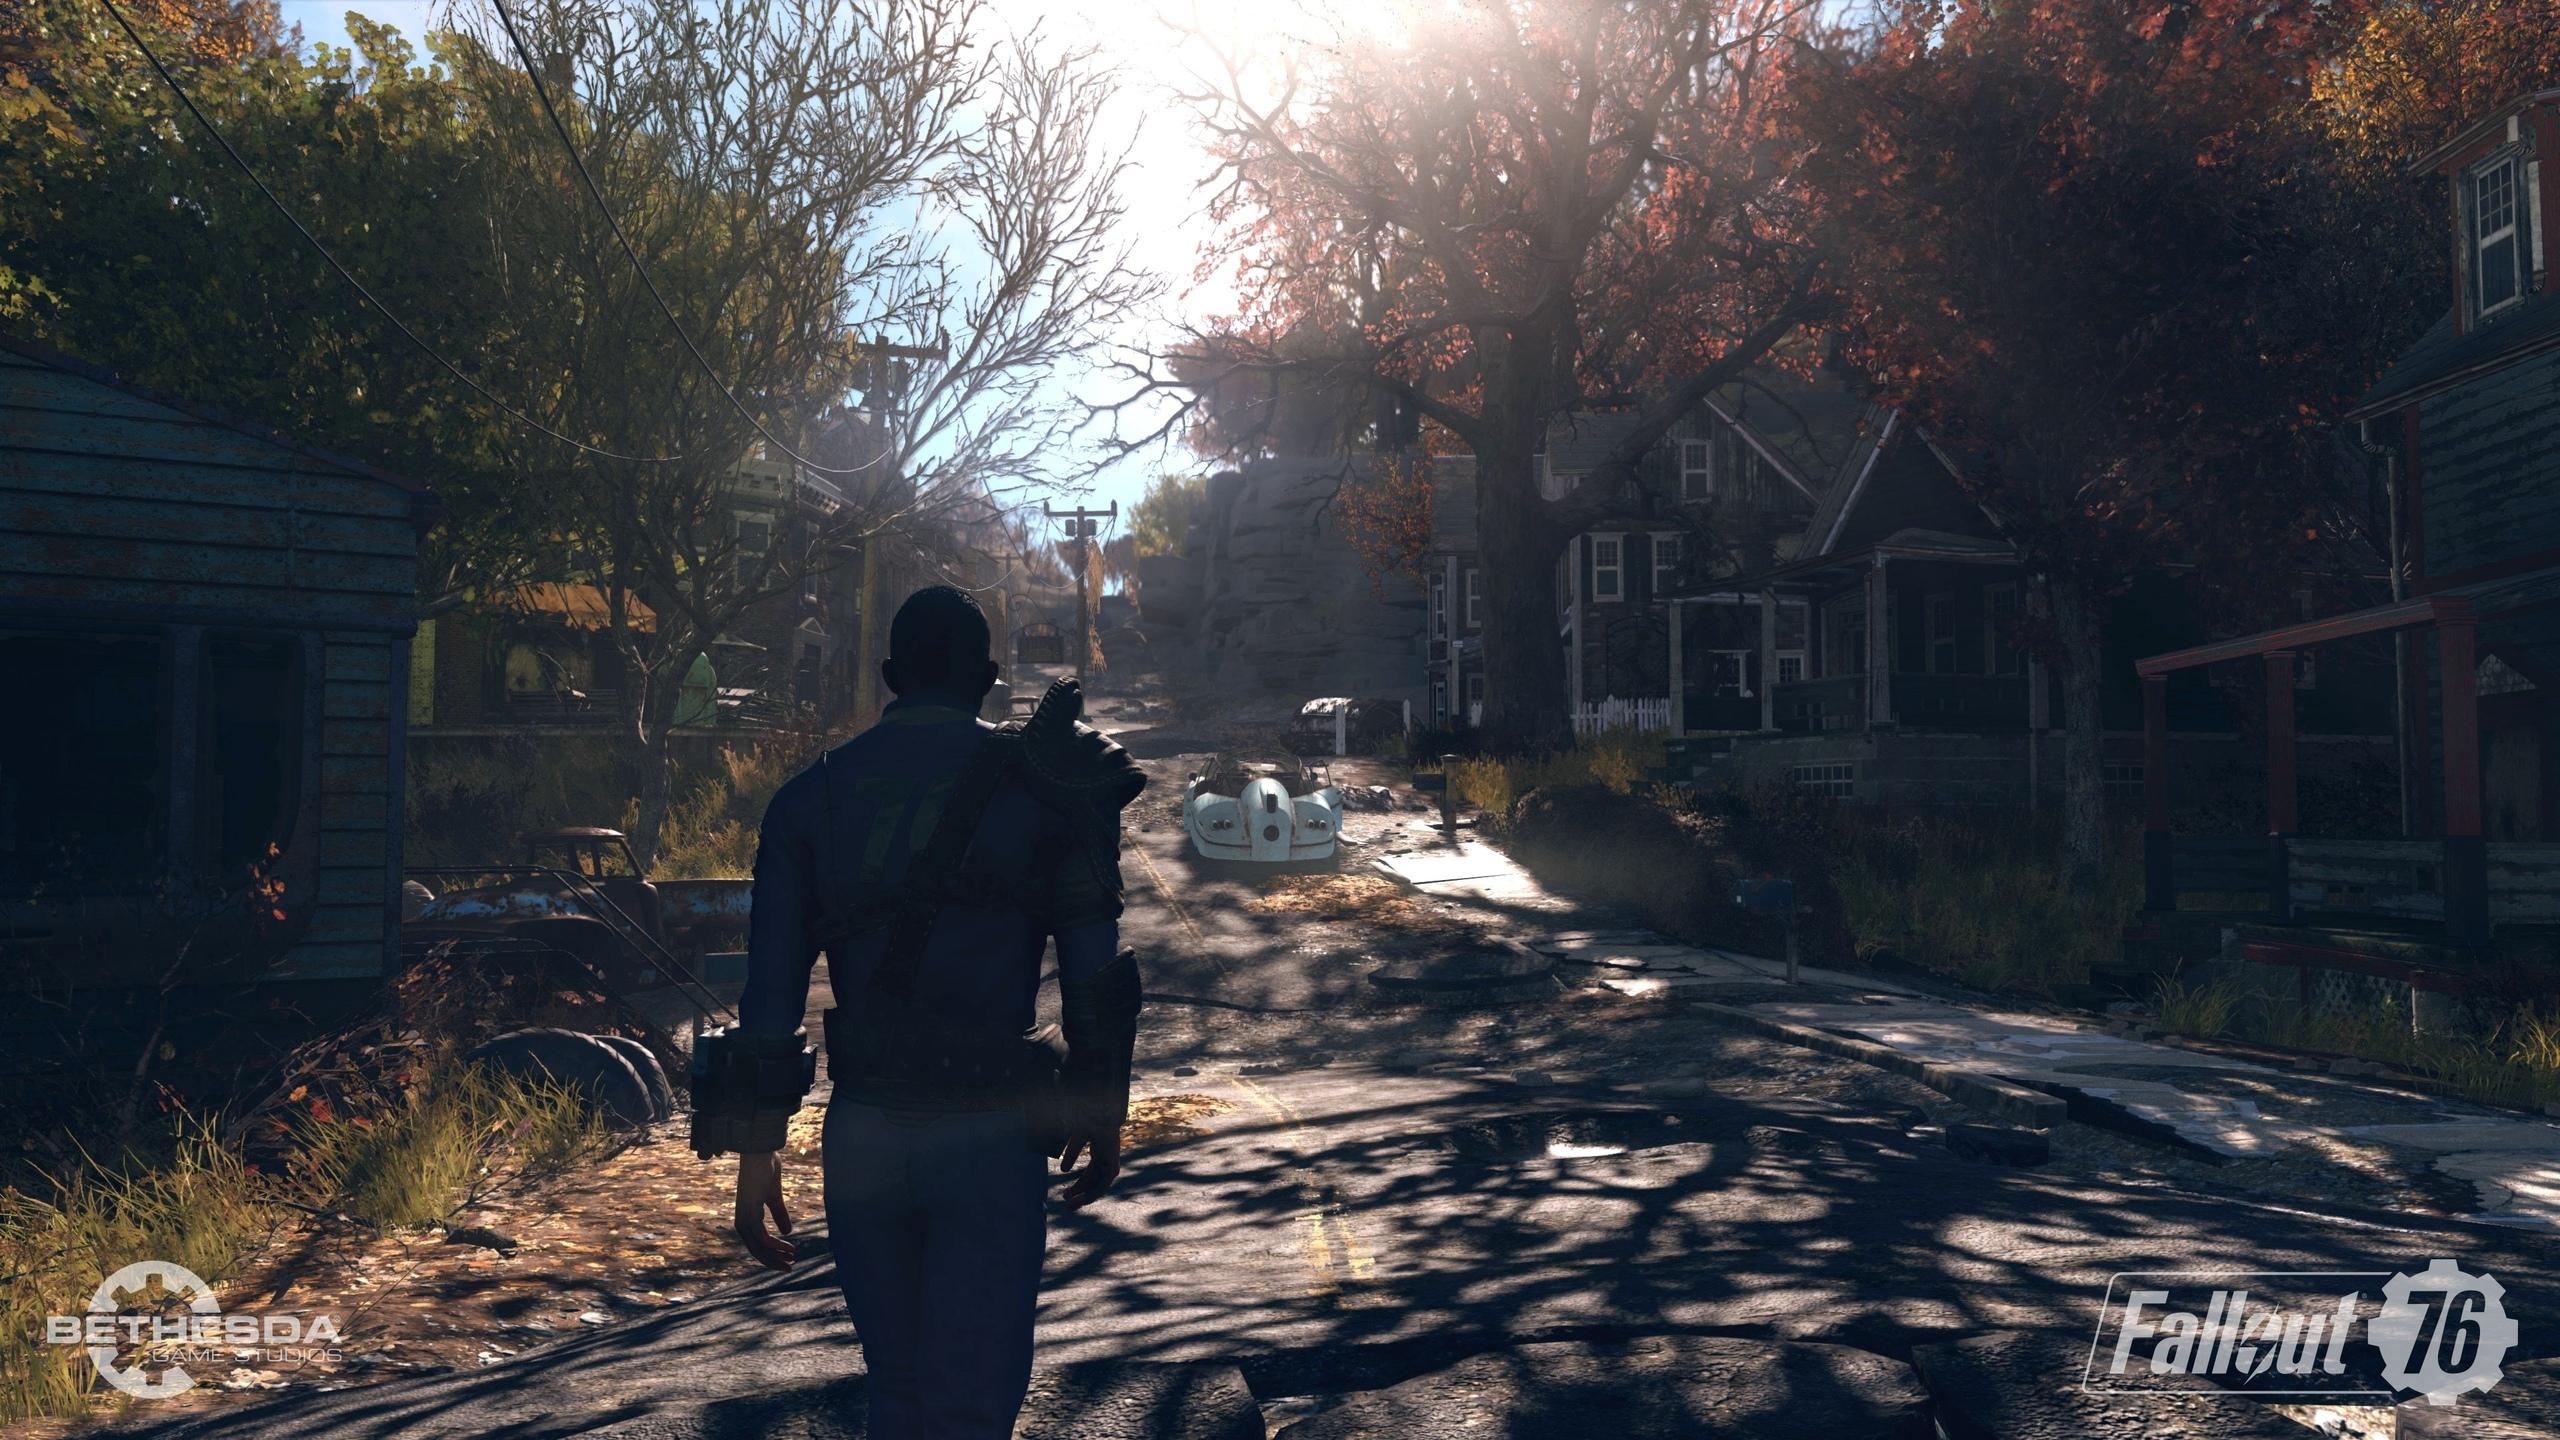 Глава разработки Fallout76 Джефф Гардинер рассказал, что в игре будет стелс, который позволит игрокам исчезать с мини-карты других пользователей.